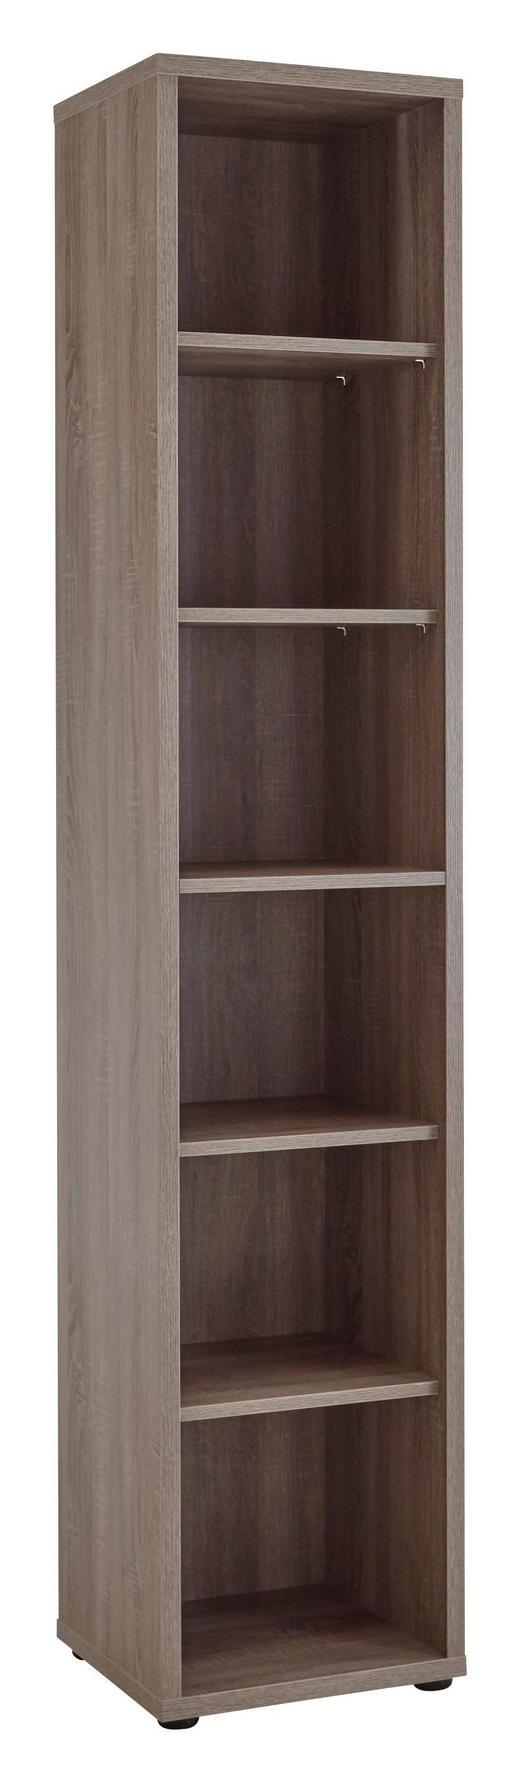 AKTENREGAL Trüffeleichefarben - Trüffeleichefarben/Schwarz, Design, Holzwerkstoff/Kunststoff (43,9/215,2/40cm) - Voleo